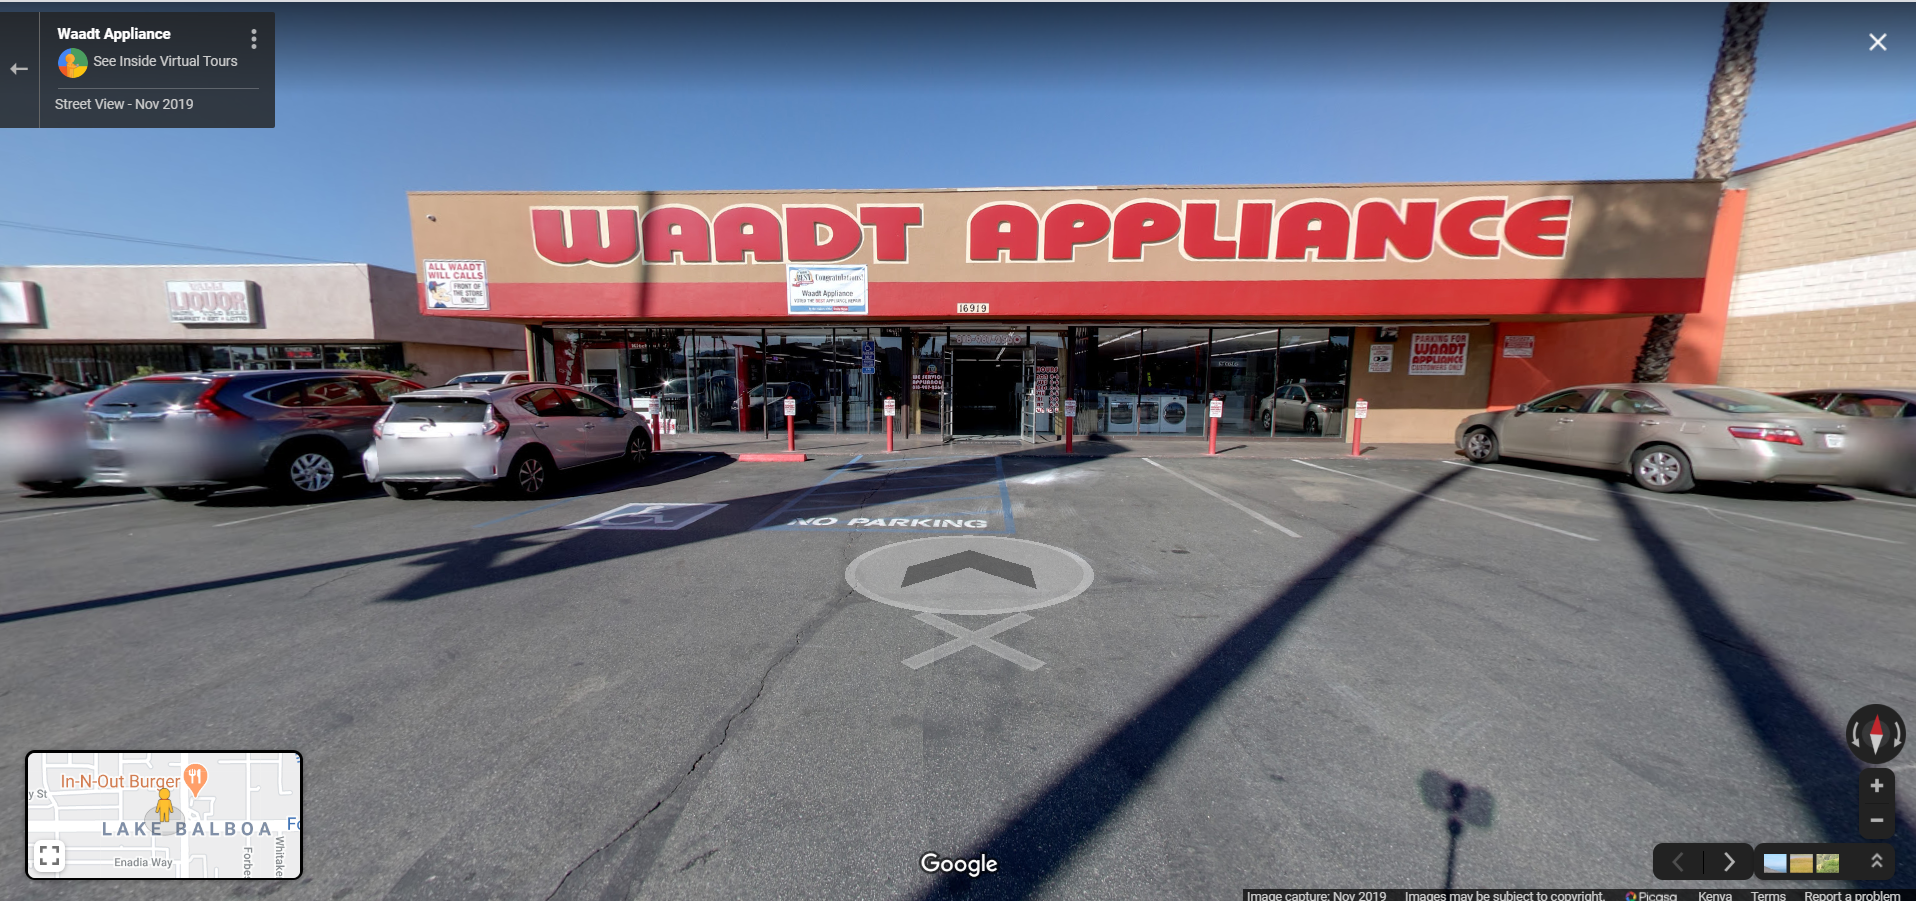 Waadt Appliance - Los Angeles